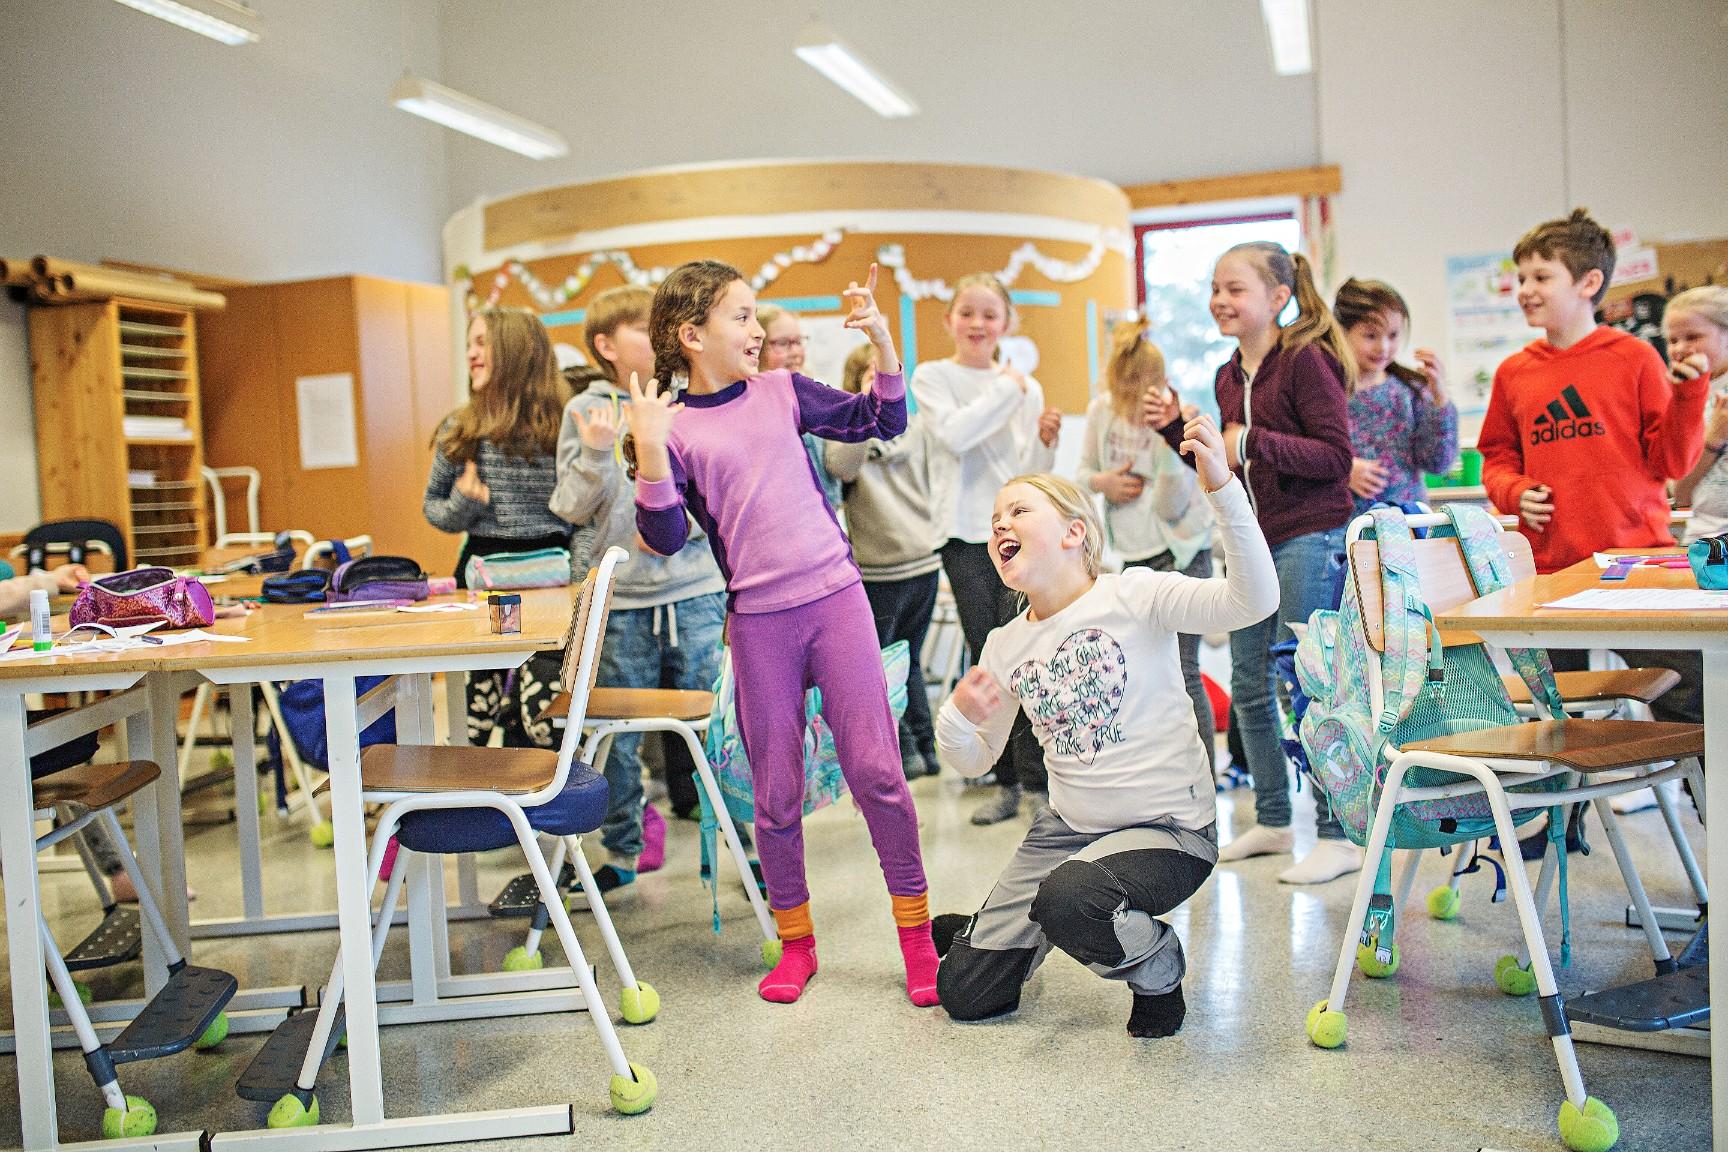 Over tid har både sang i skolen og musikkfaget som sådann blitt svekket. Dette til tross for omfattende forskning som viser at praktiske og estetiske fag er grunnleggende viktig for både den enkelte elevs utvikling og for hele skolemiljøet – sier Ole-Henrik Holøs Pettersen, styreleder i Musikk i Skolen.